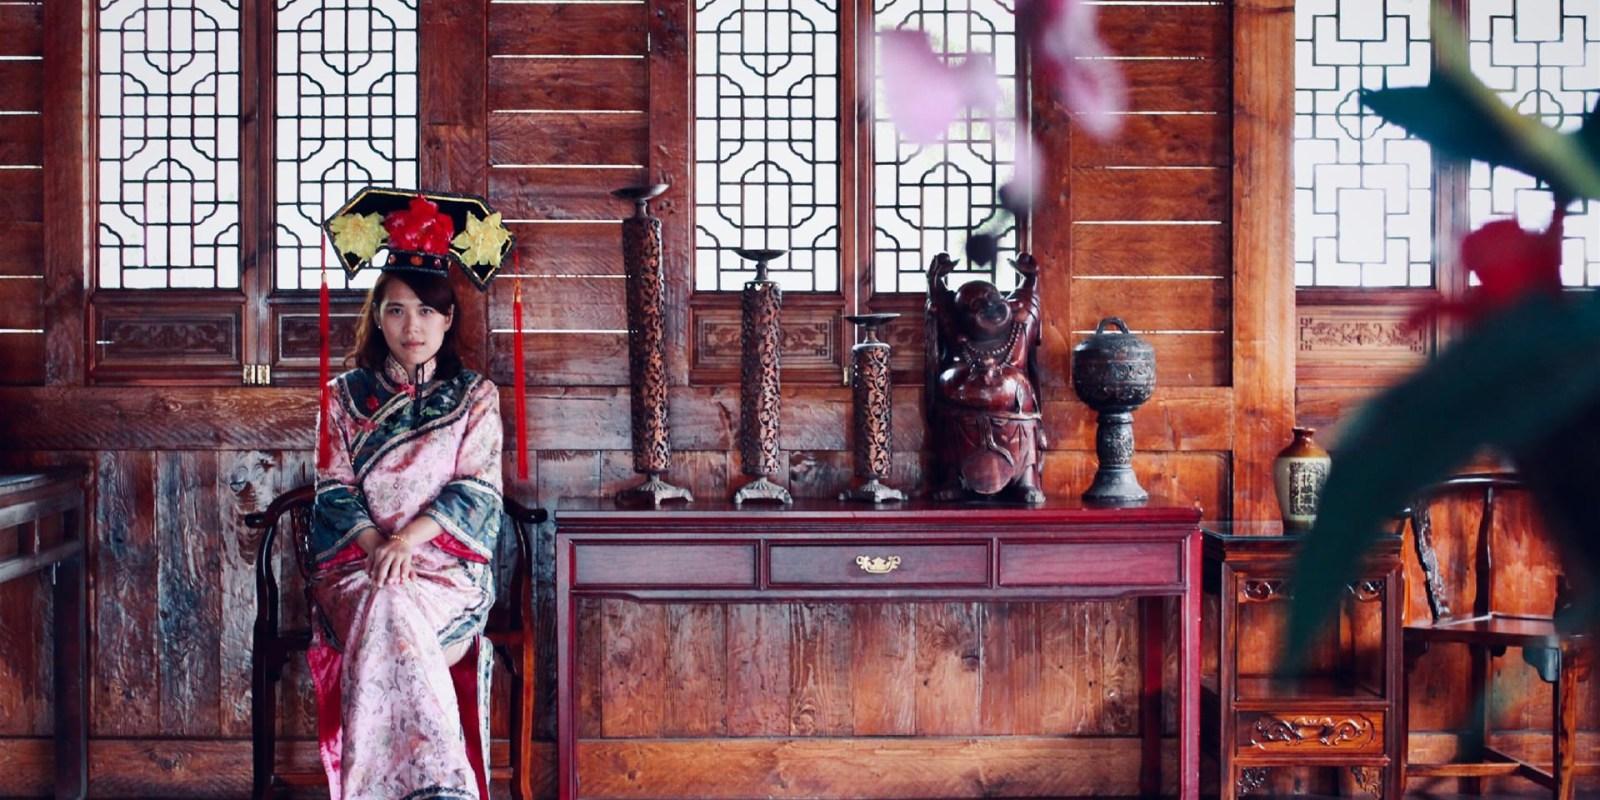 台南旅遊景點/台灣白河萬里長城/台灣萬里長城,娘娘不是這麼好當的!